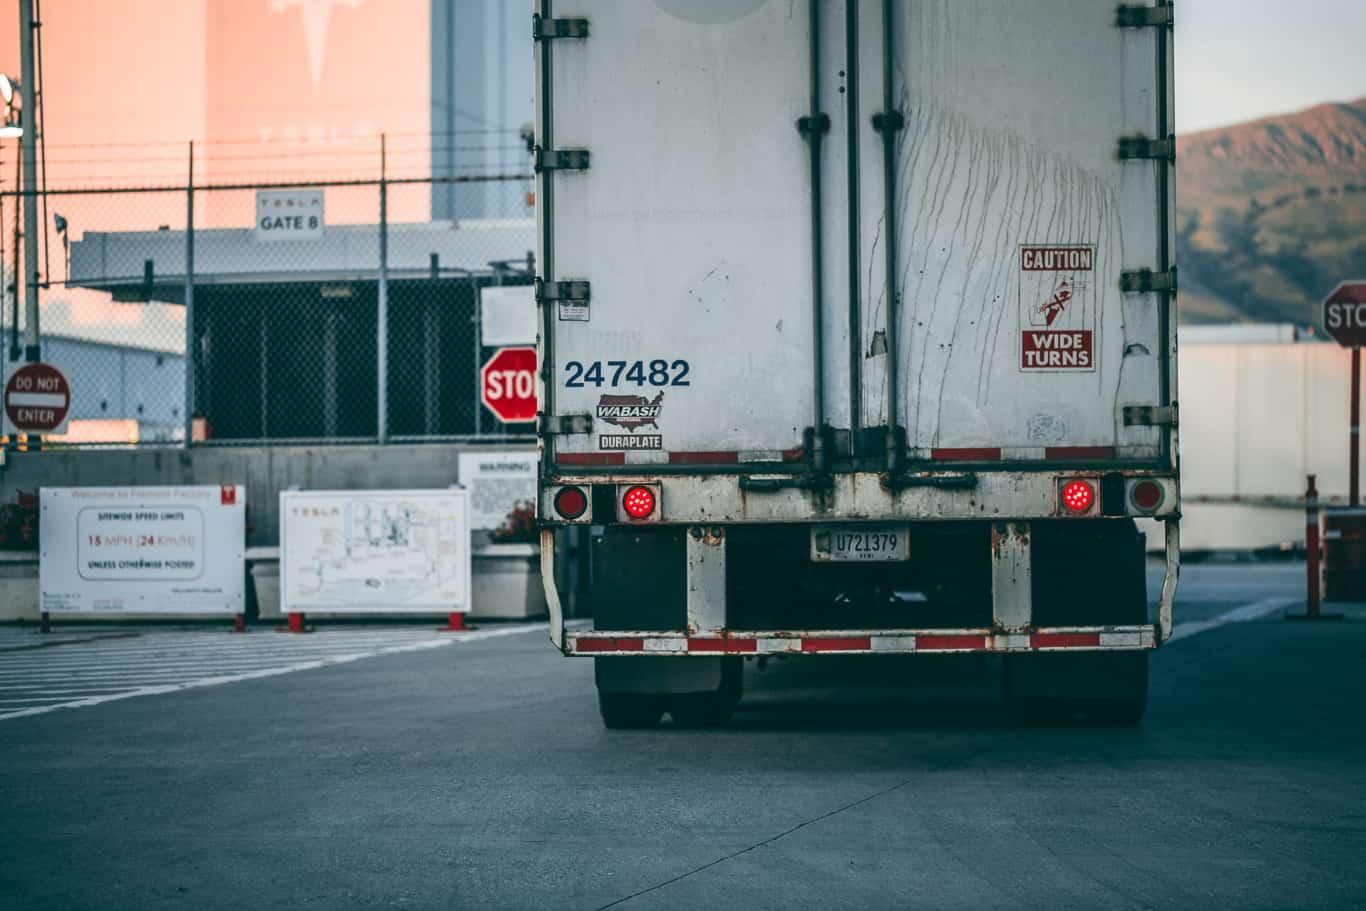 reduce-idling-emissions-in-bulk-handling-logistics-fleets-1